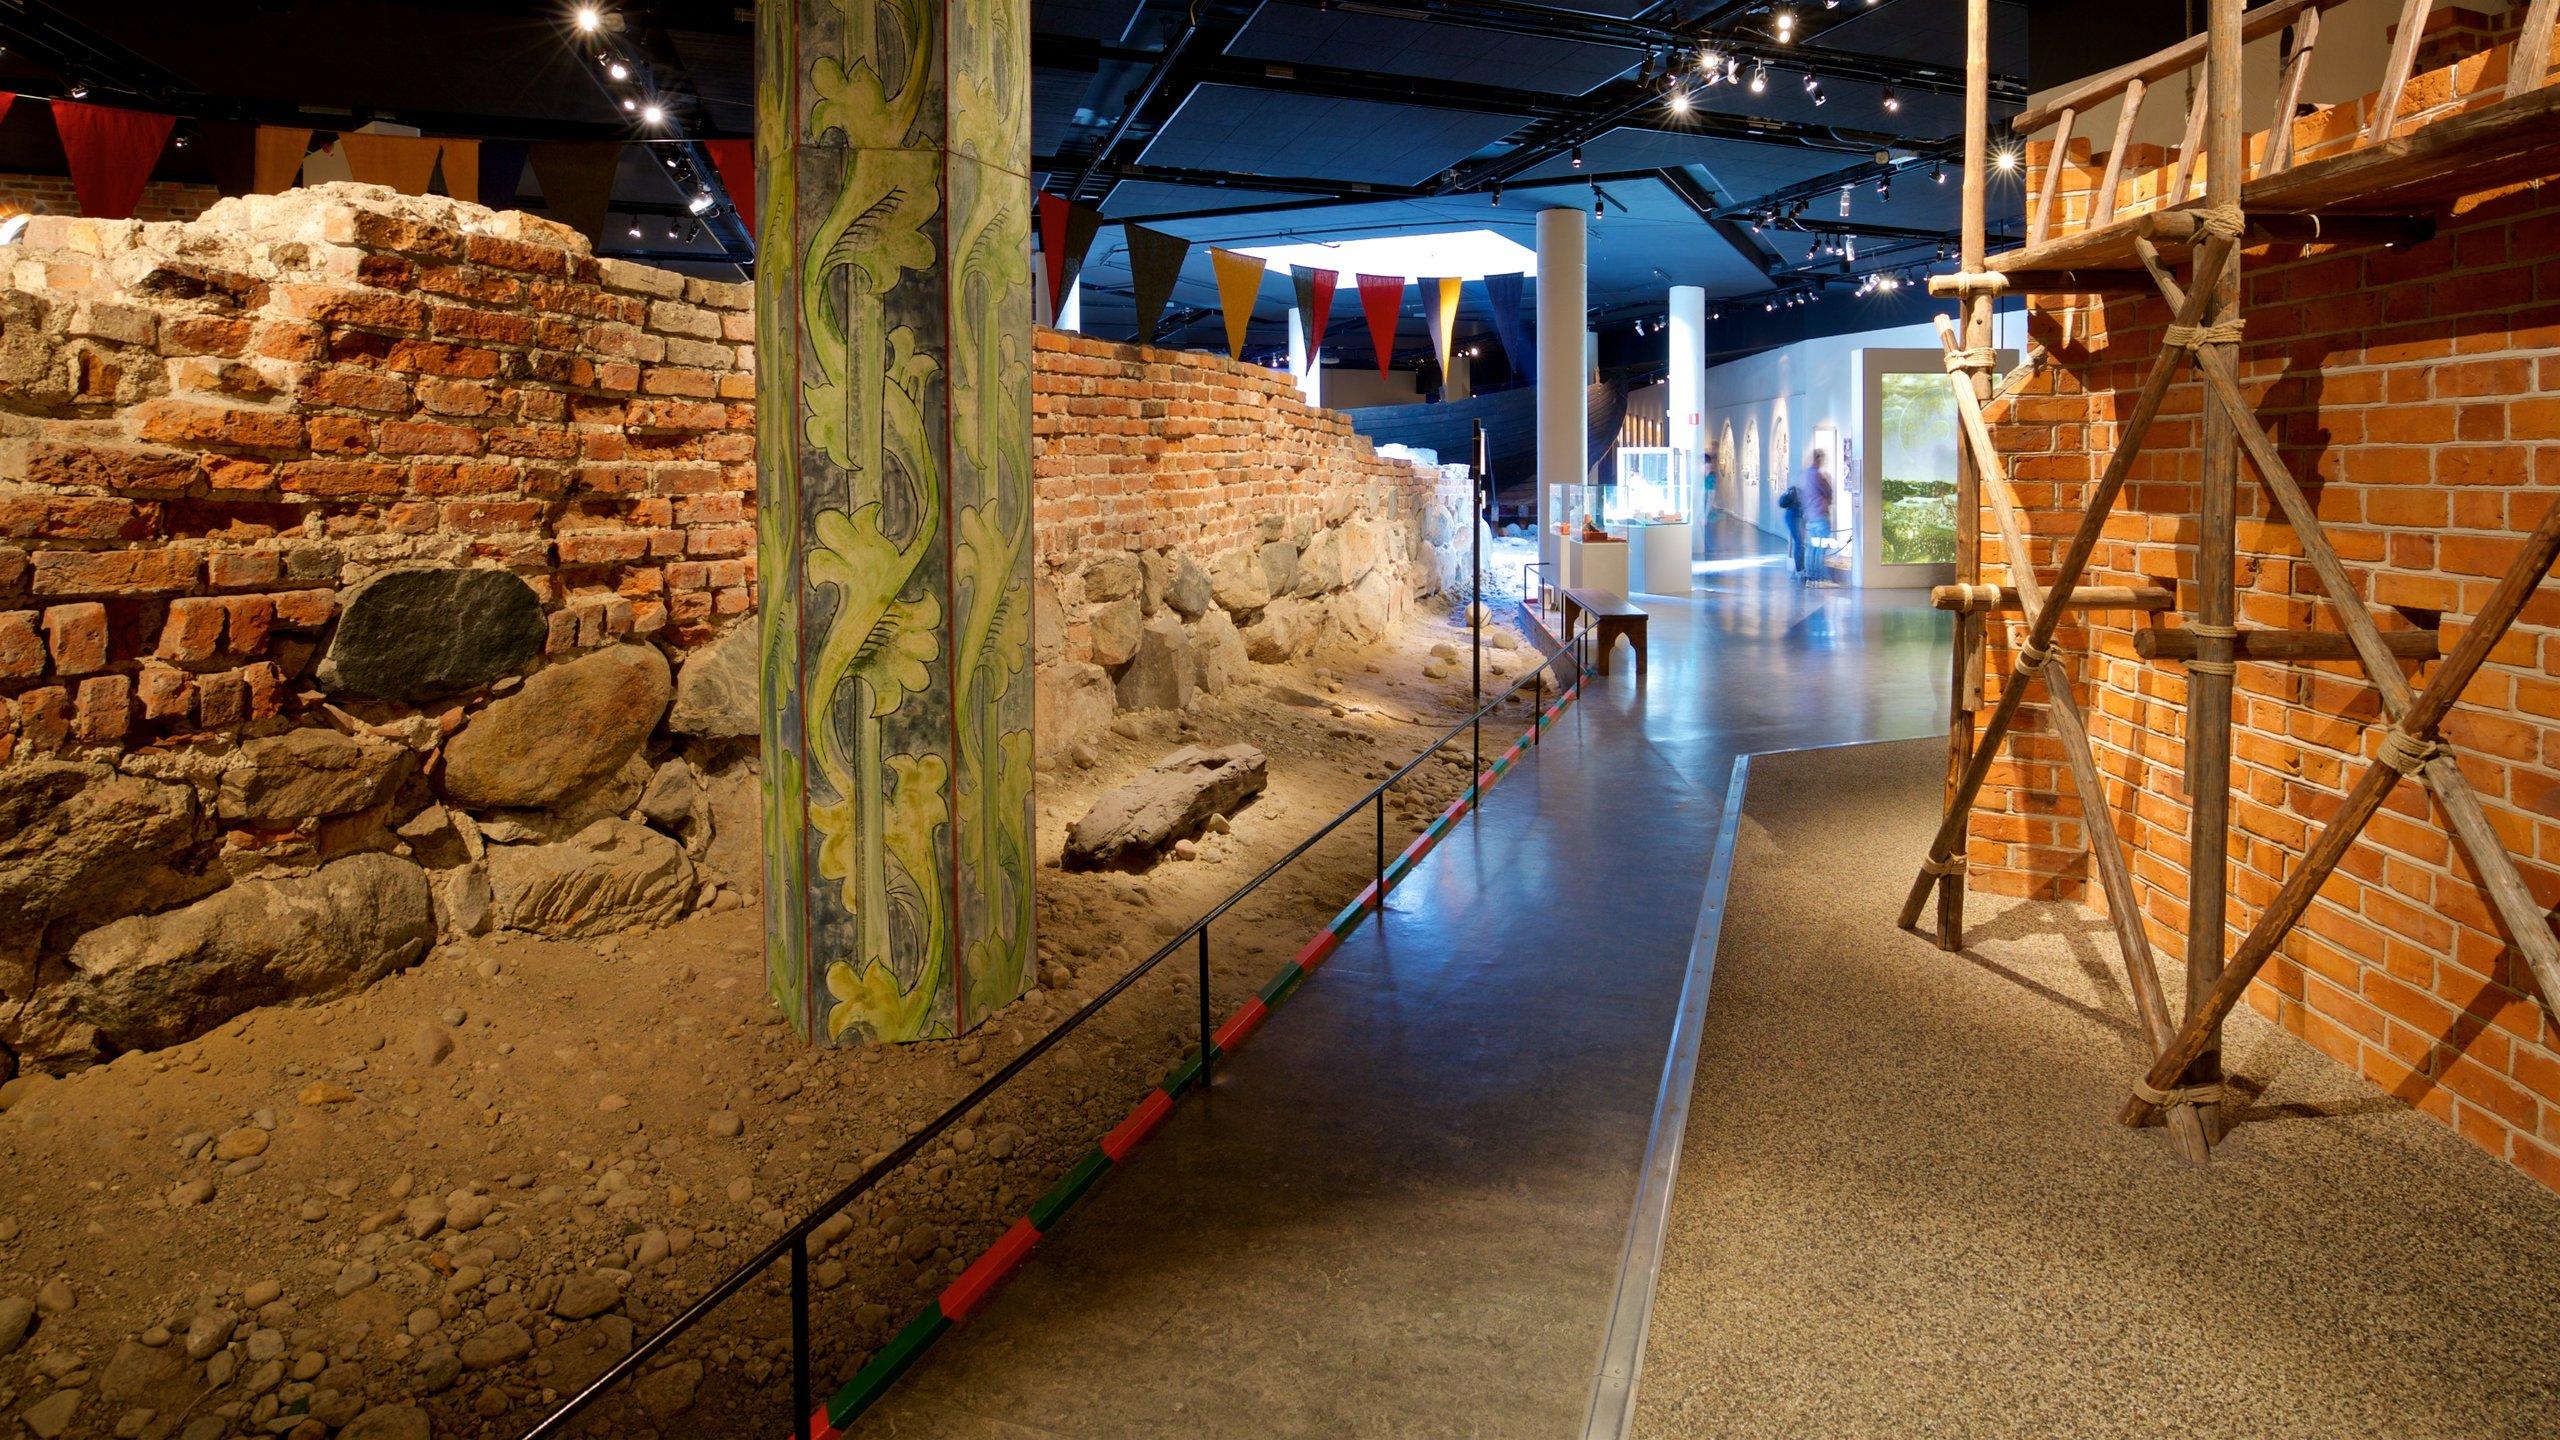 Medeltidsmuseum, Stockholm, Stockholm (provincie), Zweden